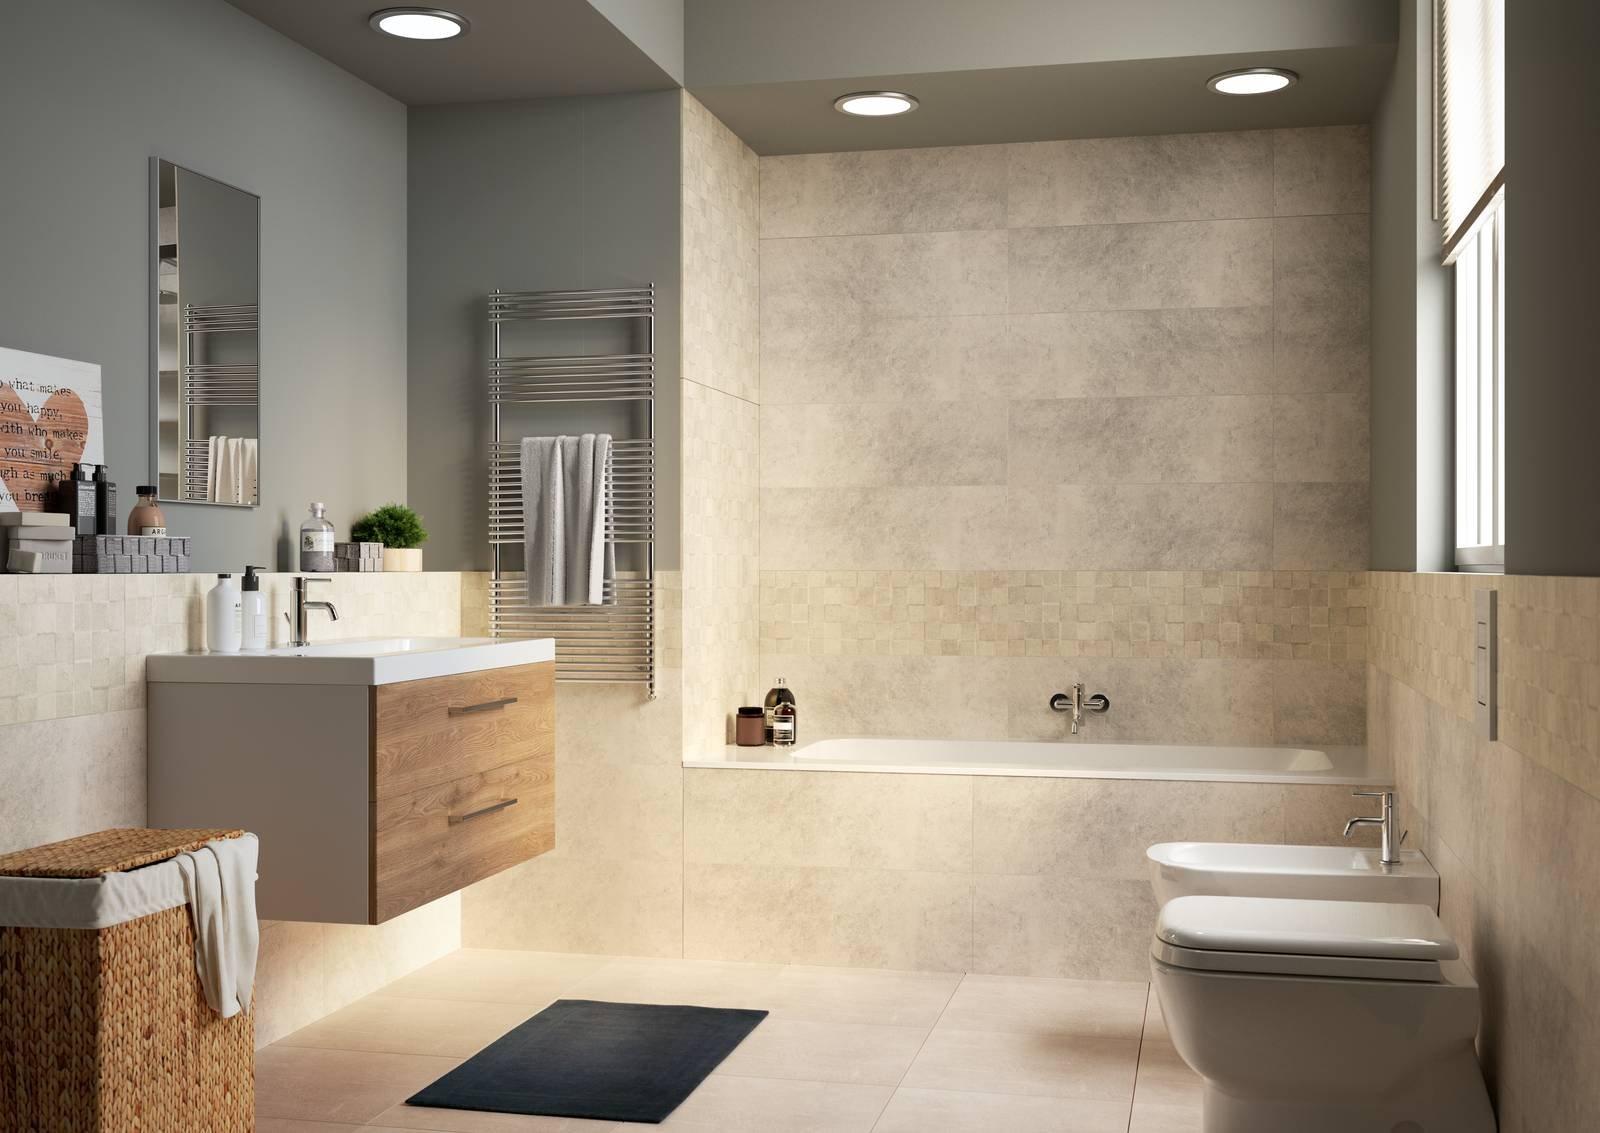 Da vasca a doccia un bagno nuovo su misura cose di casa - Vasca doccia da bagno ...